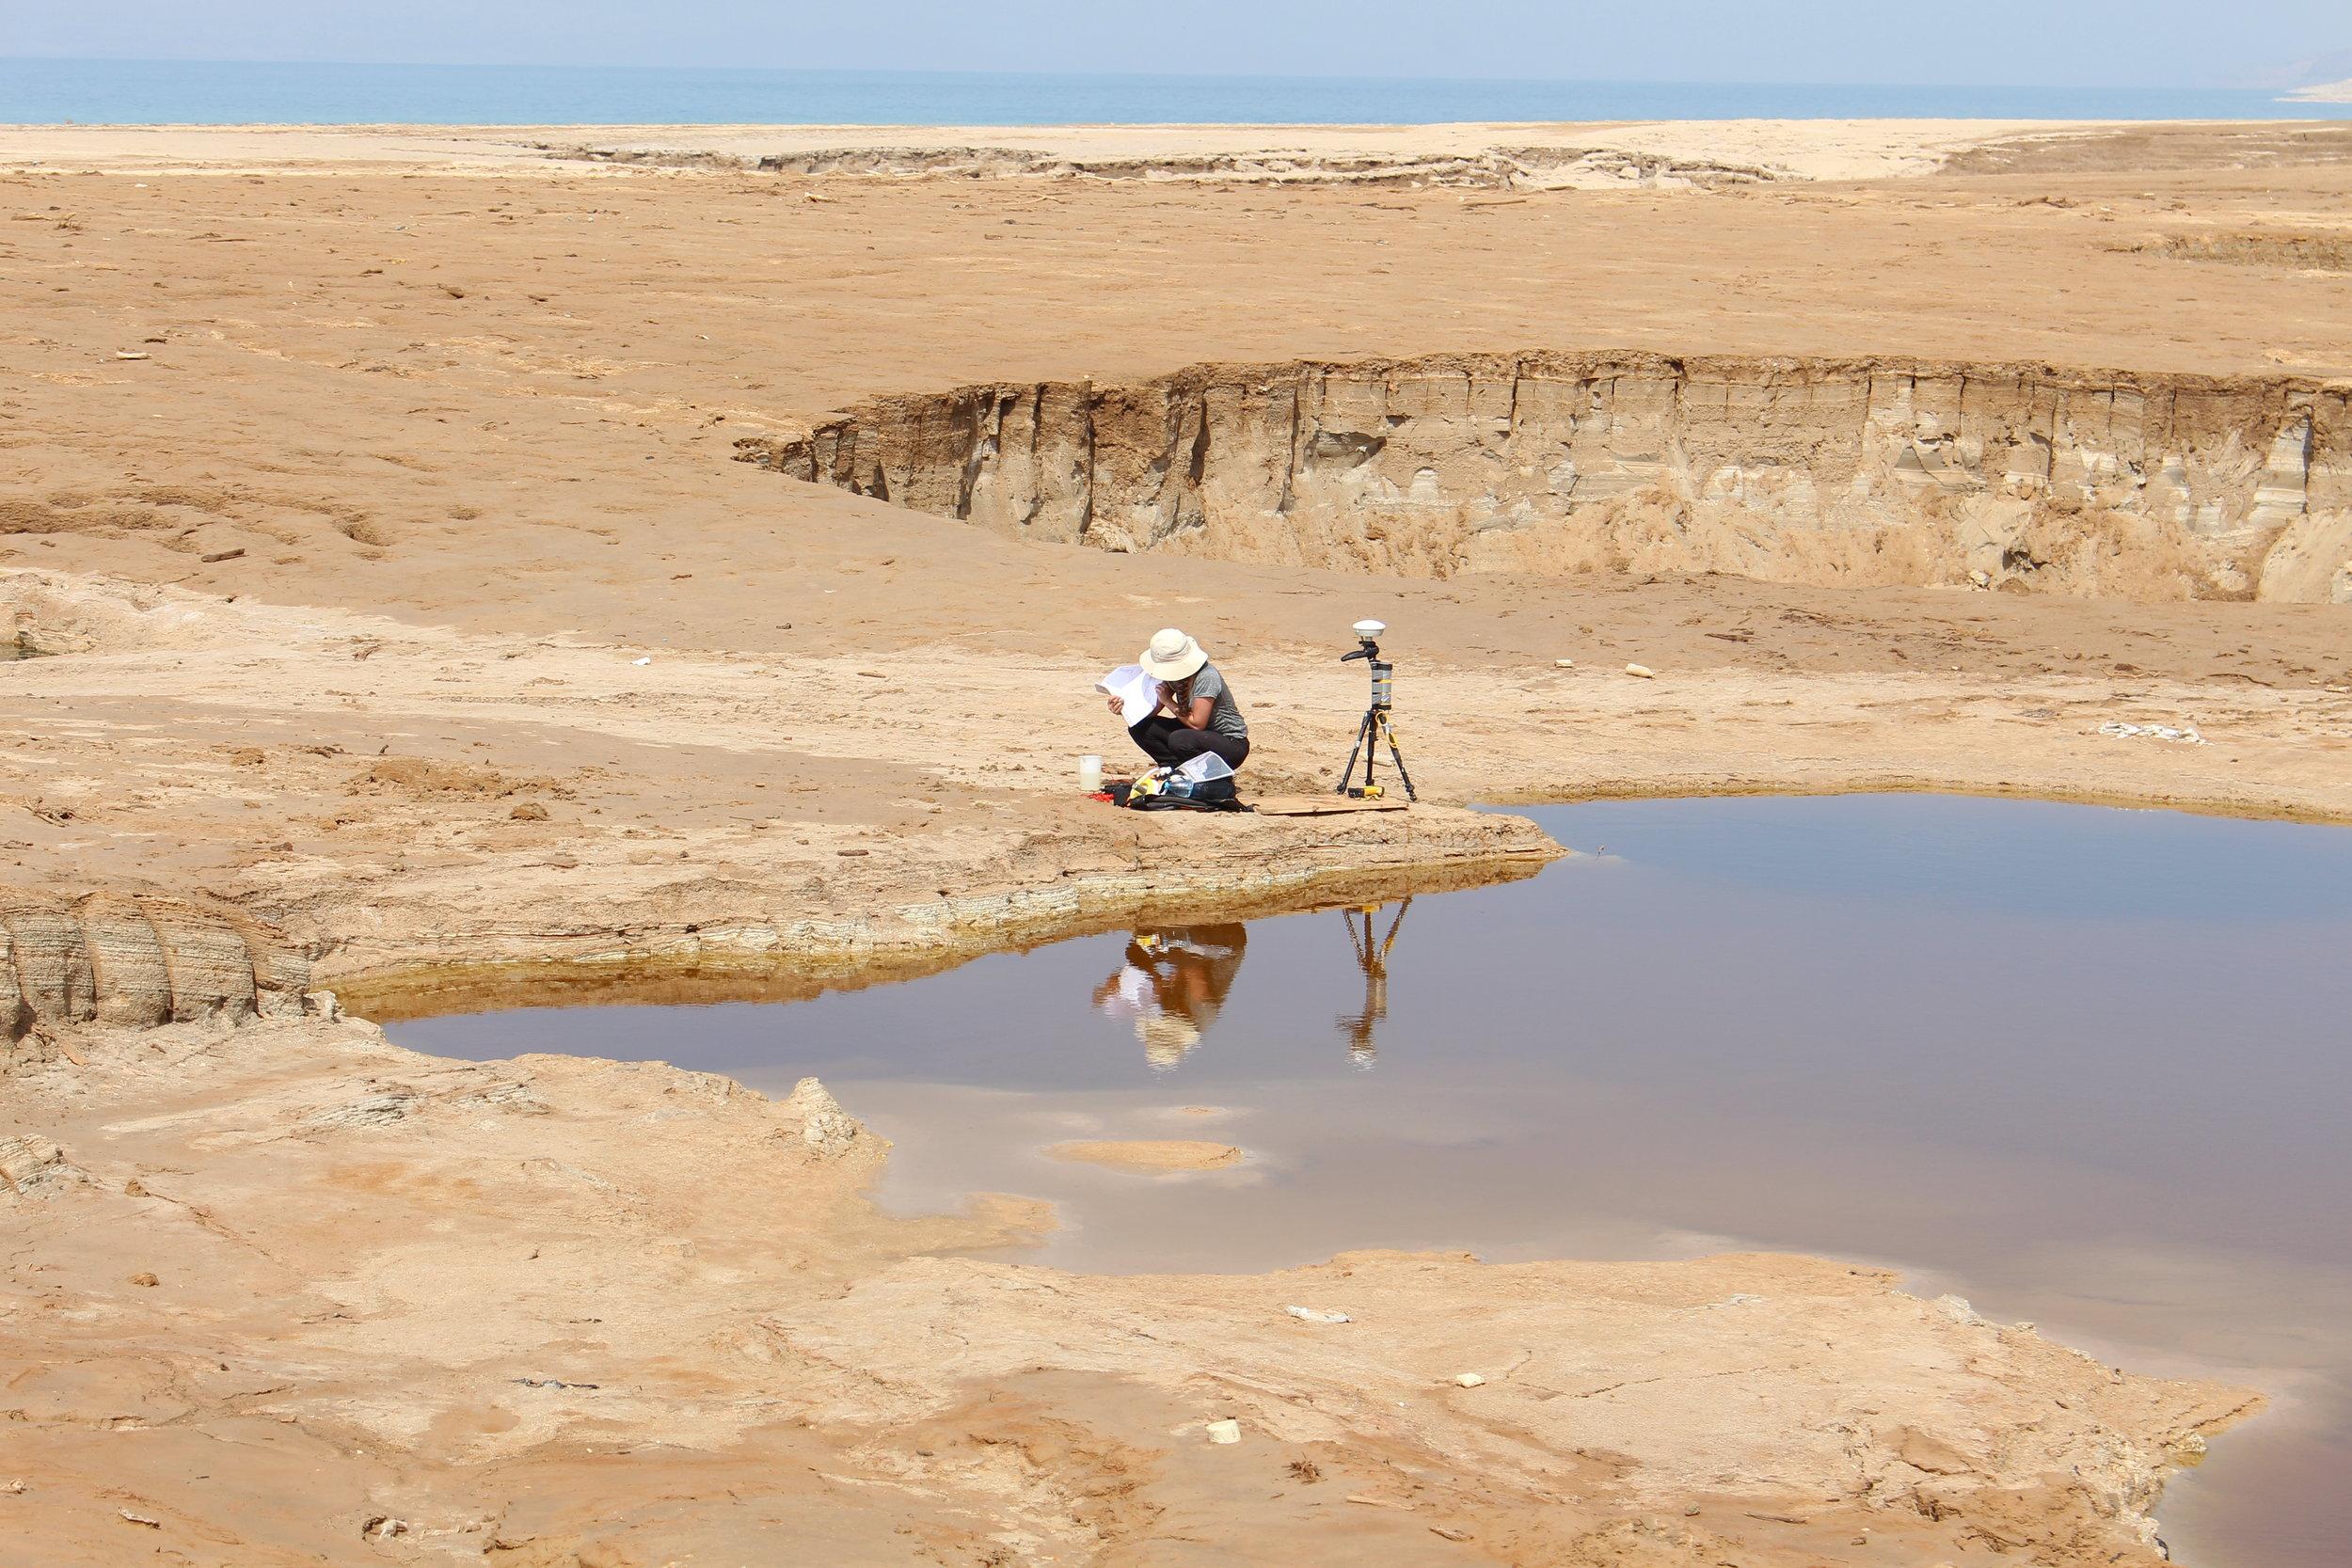 Taking water samples_Dead Sea.JPG